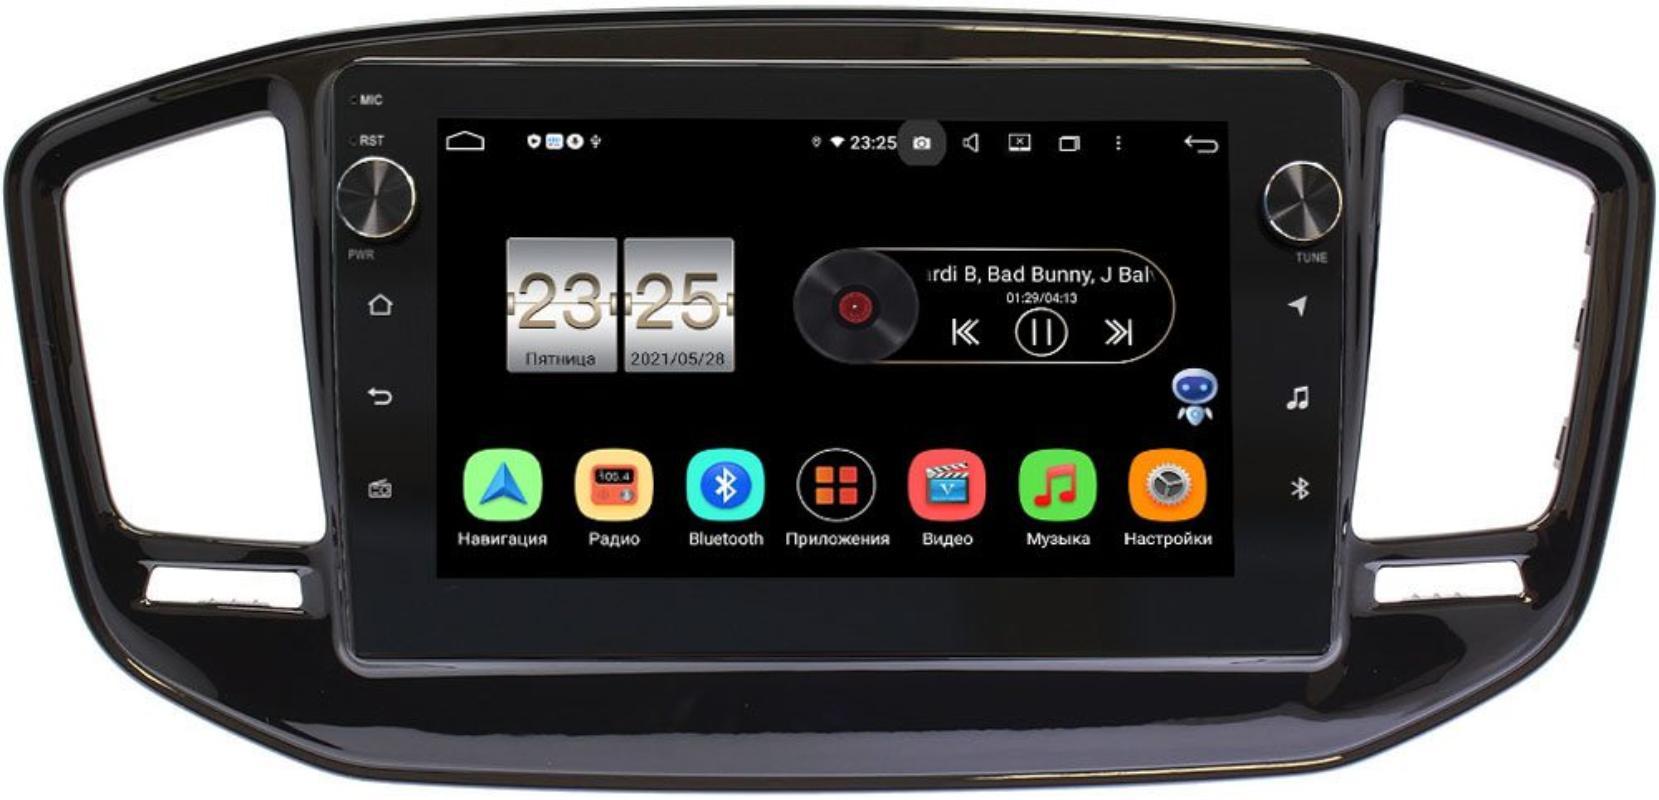 Штатная магнитола Geely Emgrand X7 2011-2018 LeTrun BPX409-EmgrandX7 на Android 10 (4/32, DSP, IPS, с голосовым ассистентом, с крутилками) (+ Камера заднего вида в подарок!)